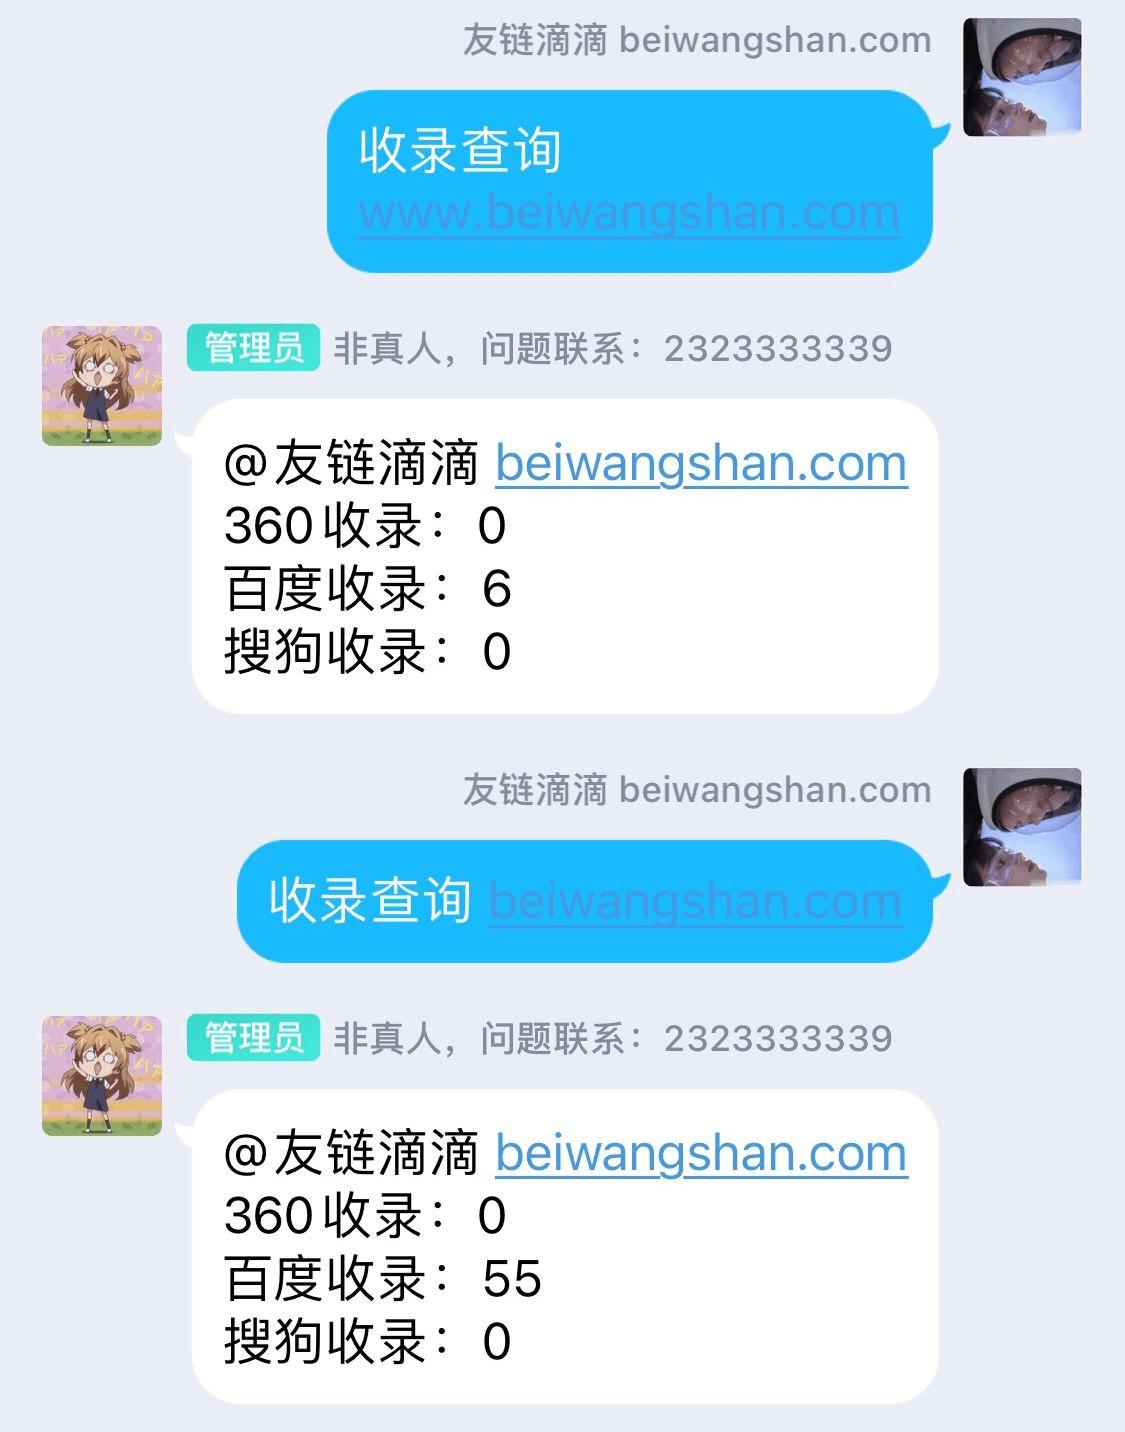 新网站seo的一点自我建议-佛系收录